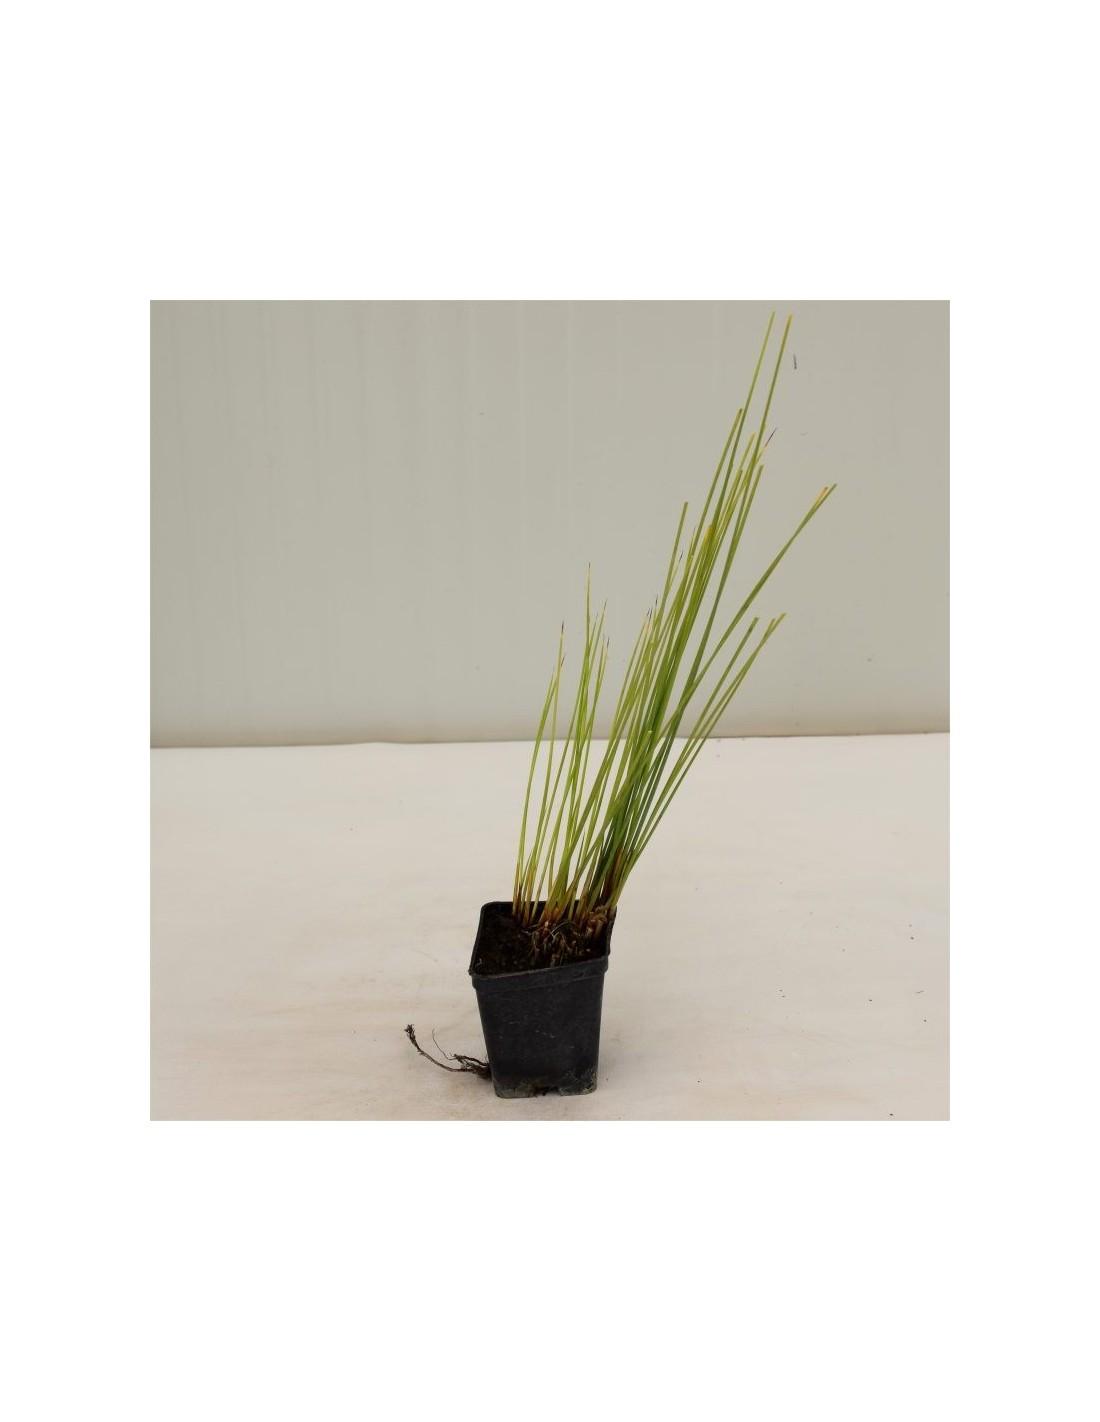 Piante Adatte Al Sole Diretto vendita pianta giunco- piante da cespuglio online   mondo piante